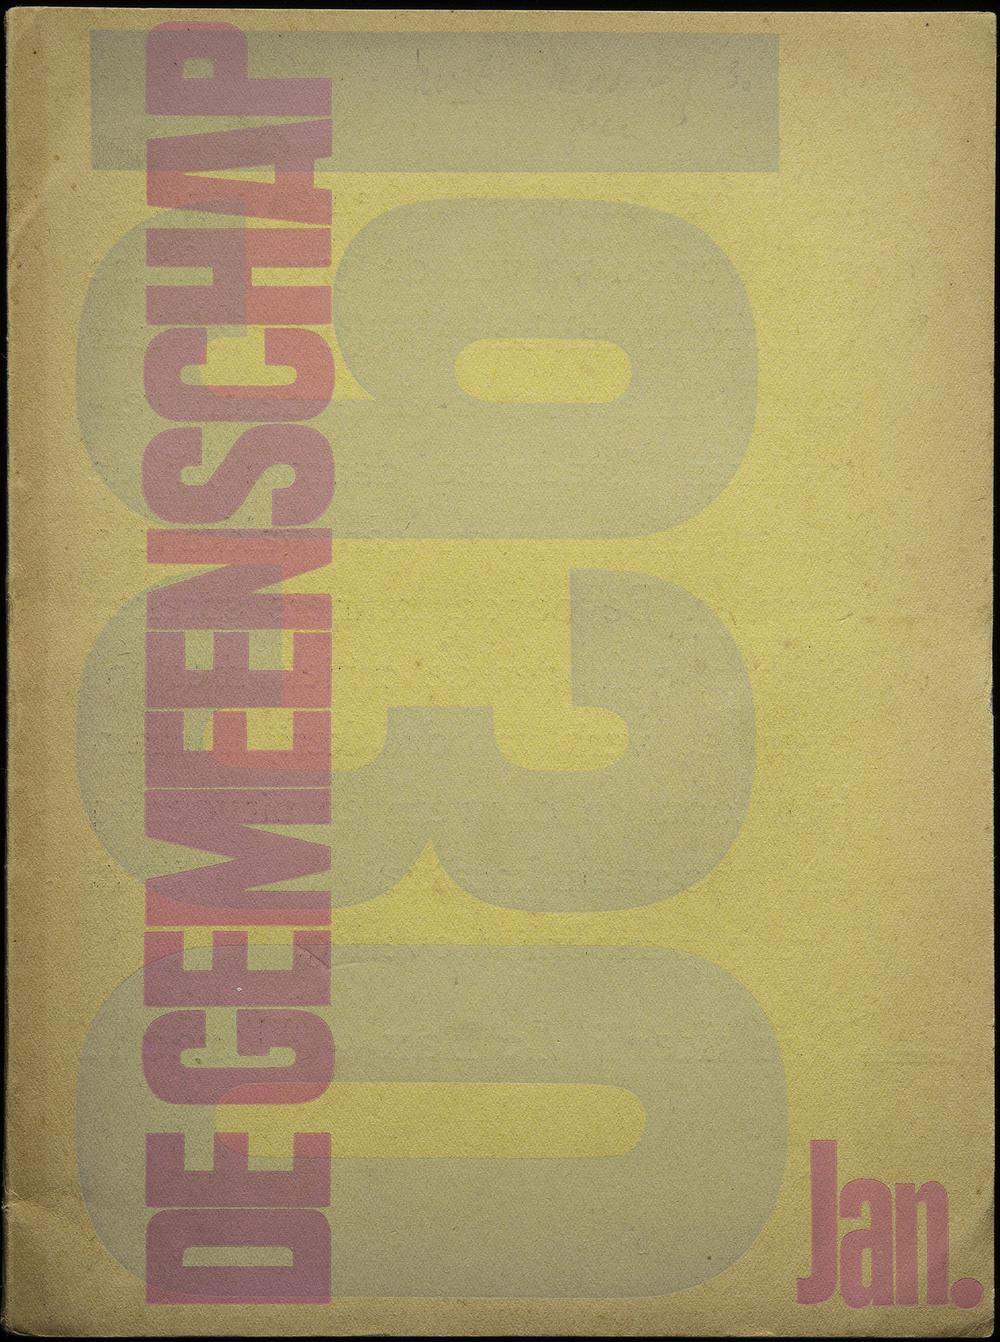 Anonymous, cover design ofDe Gemeenschap, Utrecht, 1930, 18.6 x 25 cm